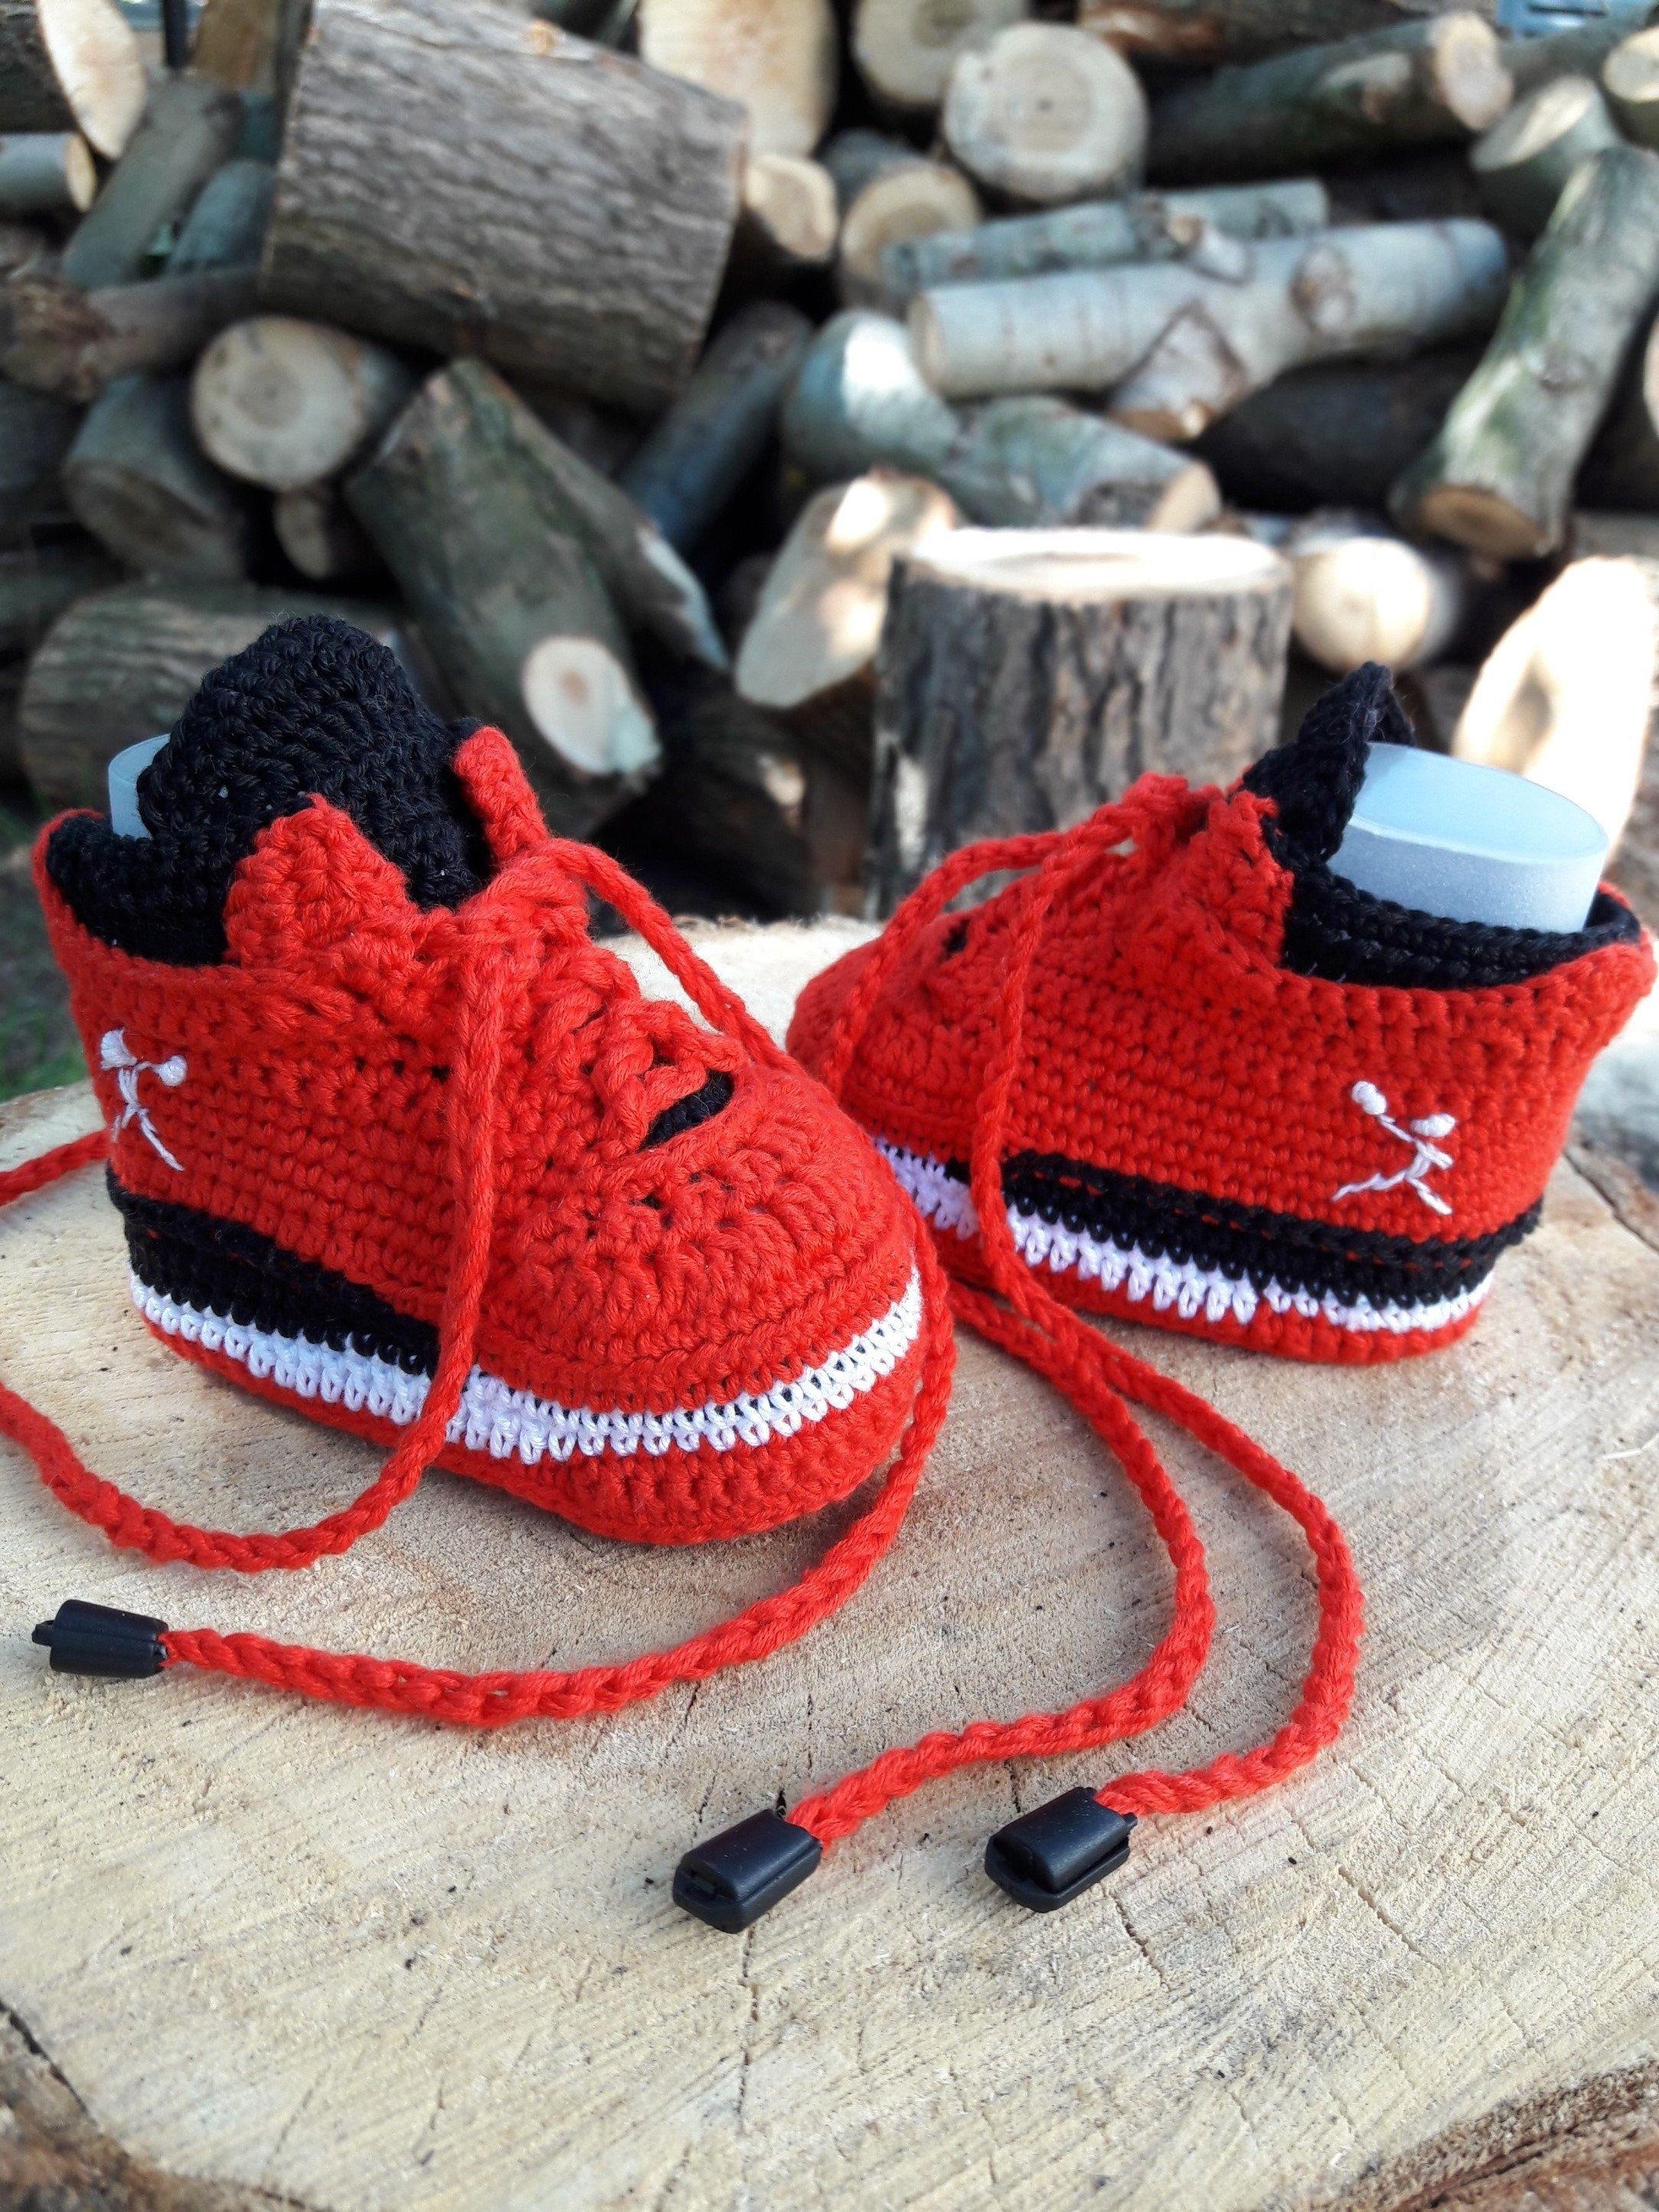 076af61cd5639 Crochet baby shoes infant Jordan.Crochet baby booties.Baby Jordan ...